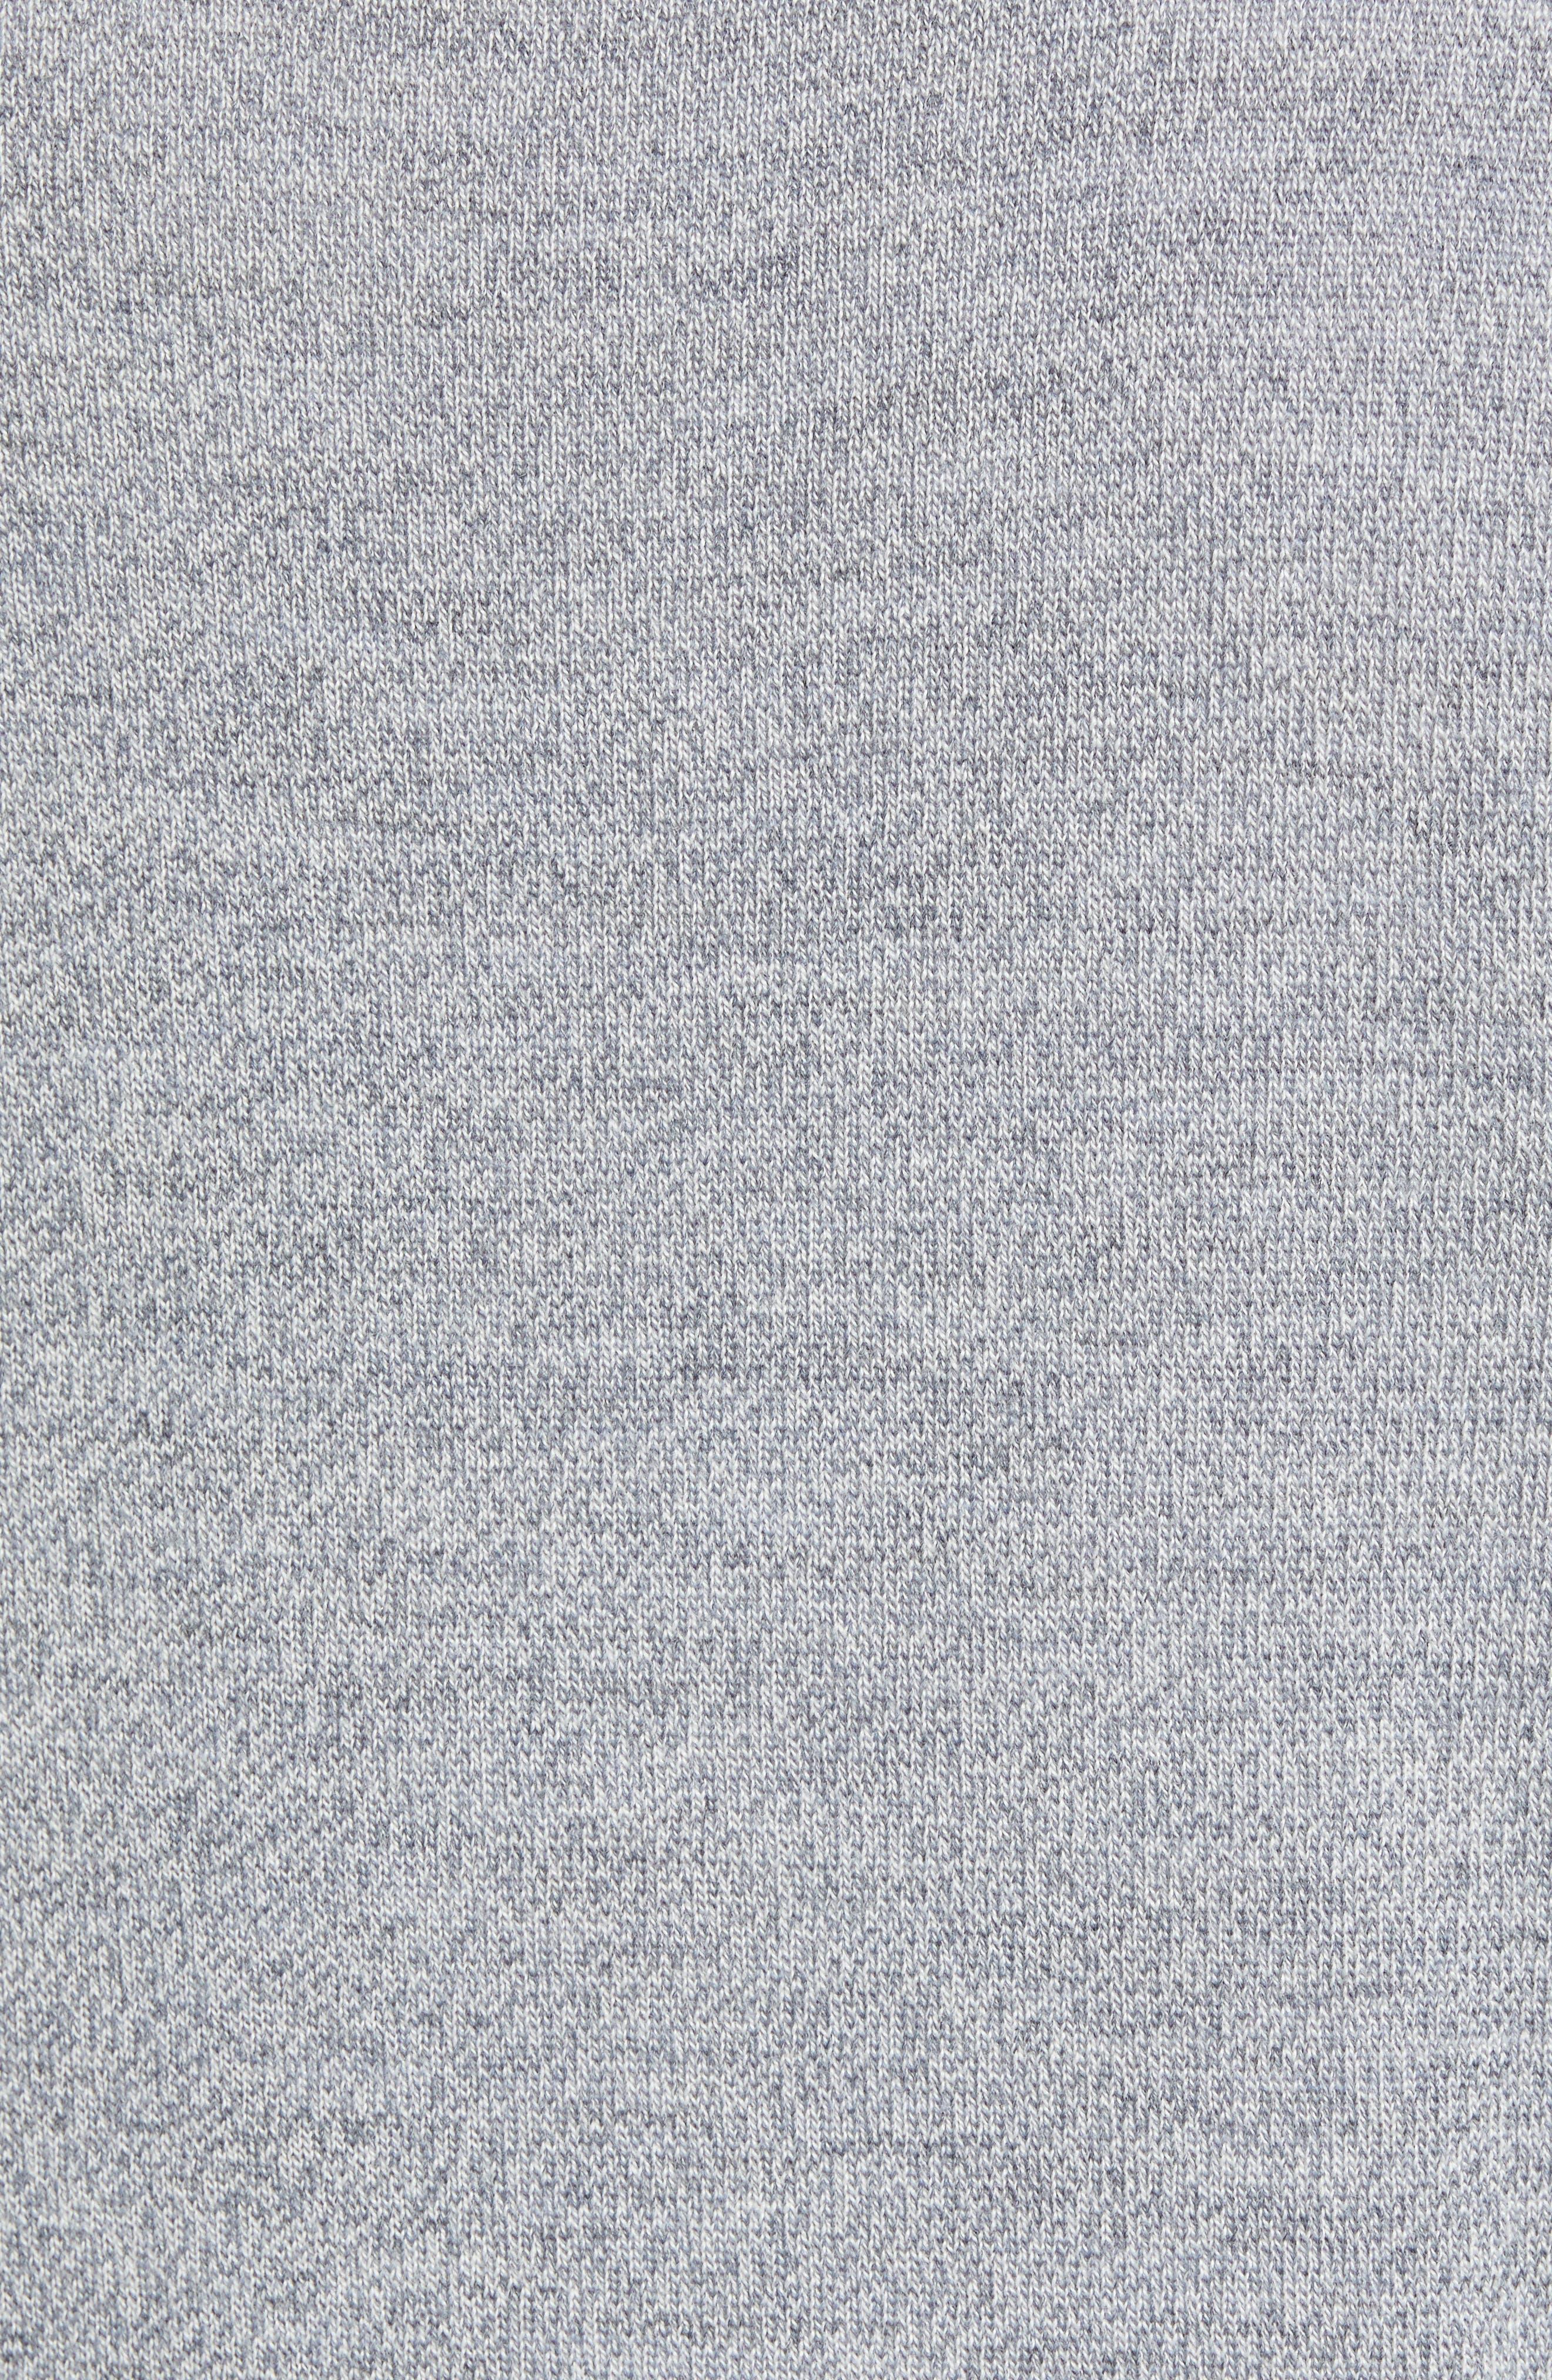 Slim Fit V-Neck Merino Wool Sweater,                             Alternate thumbnail 5, color,                             020